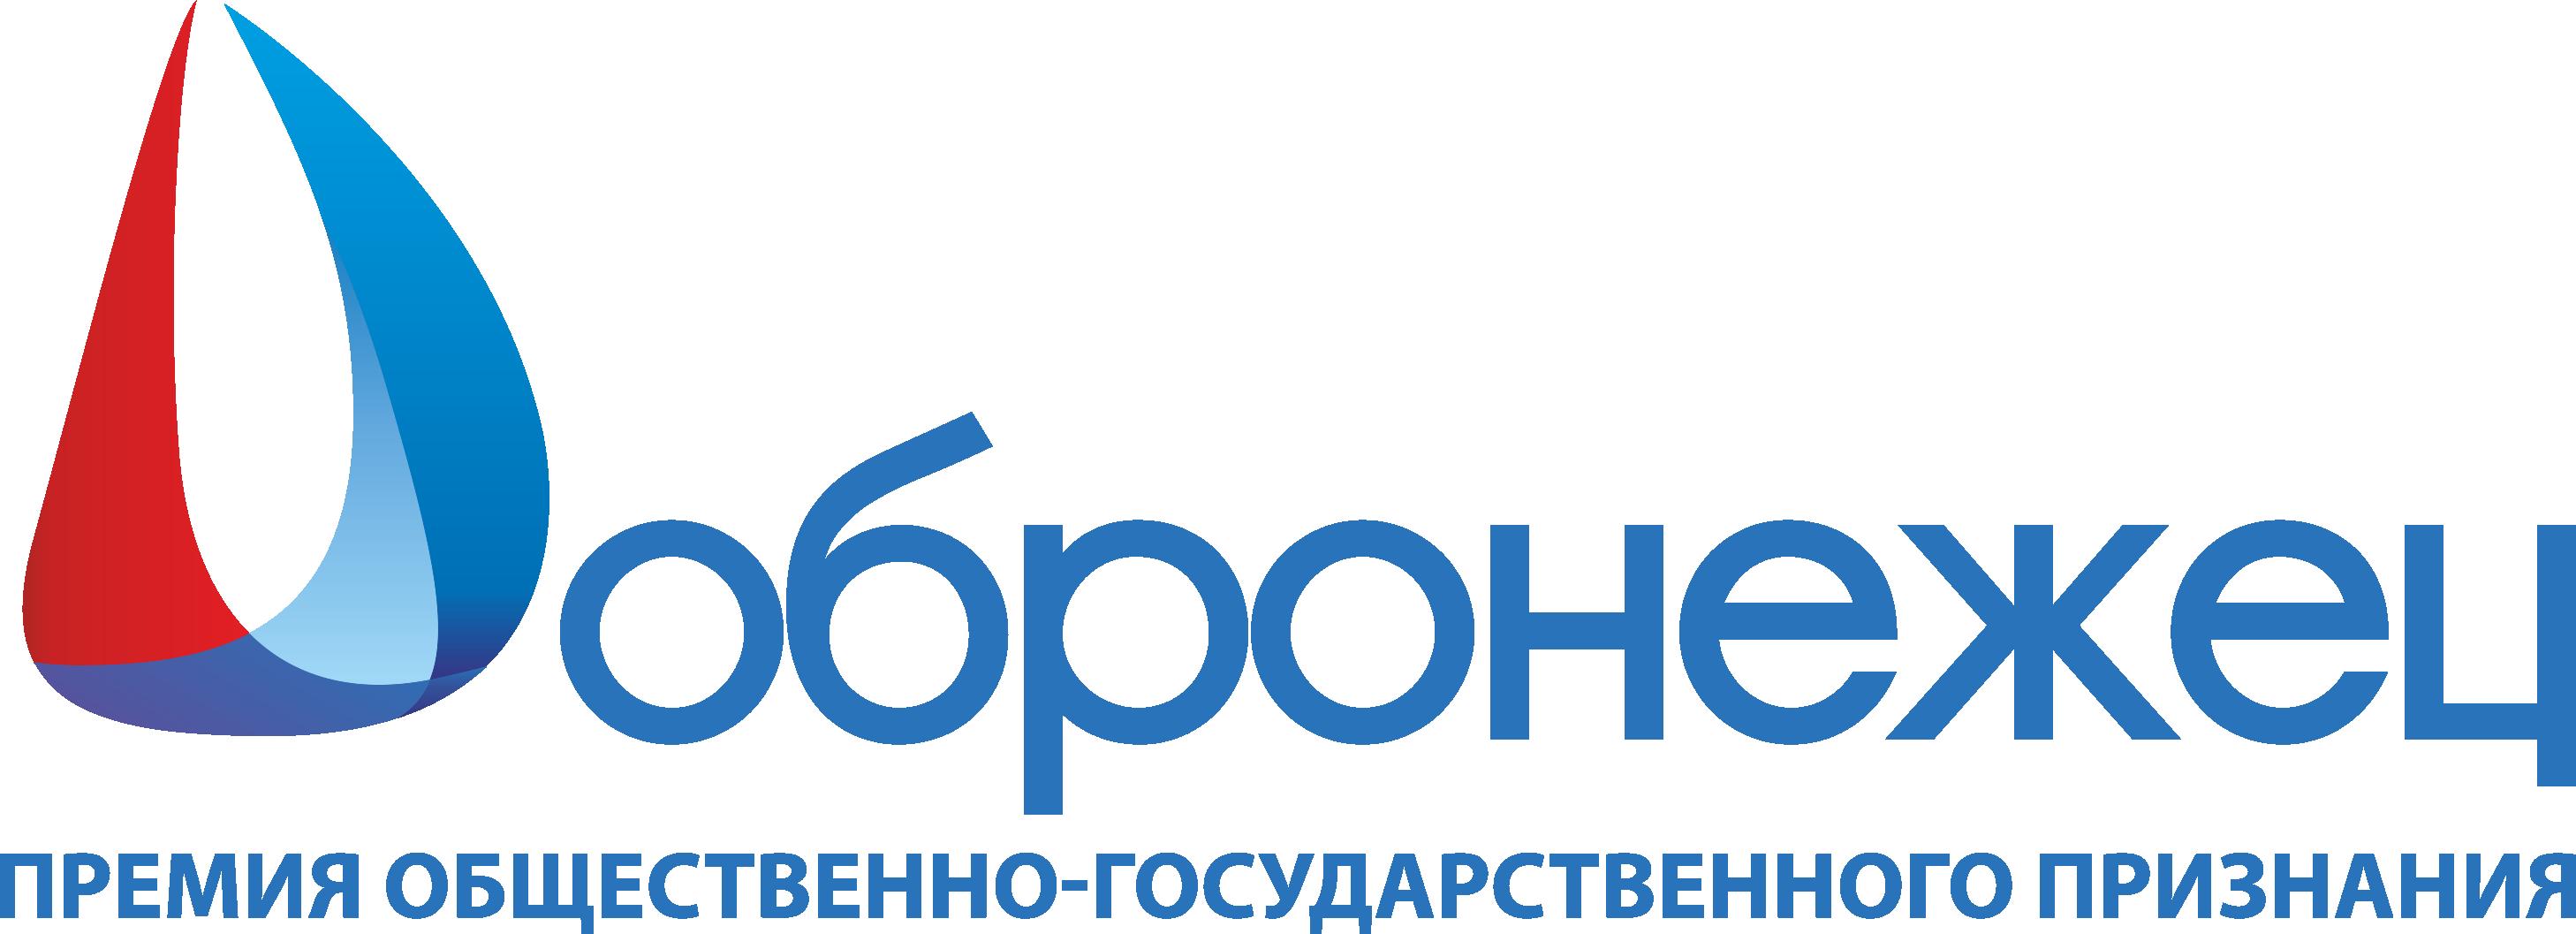 Добронежец 2017 официальный сайт конкурса на ютубе